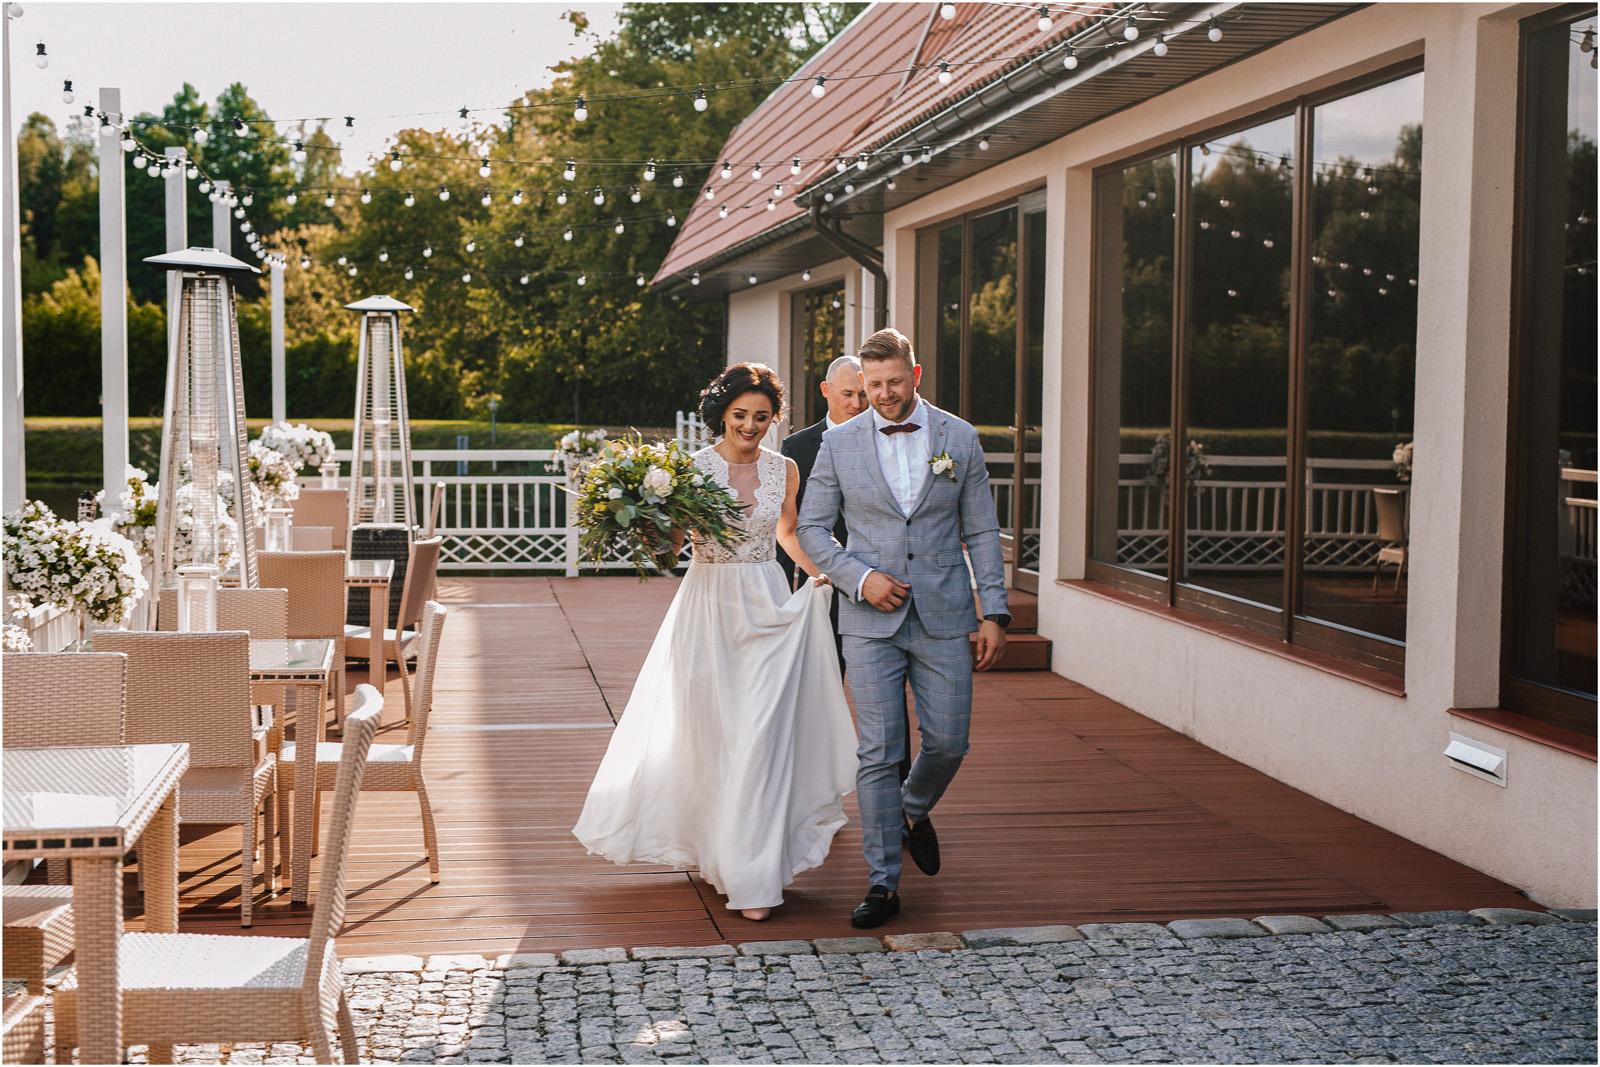 Justyna & Kamil | plenerowy ślub w Bobrowym Dworze 20